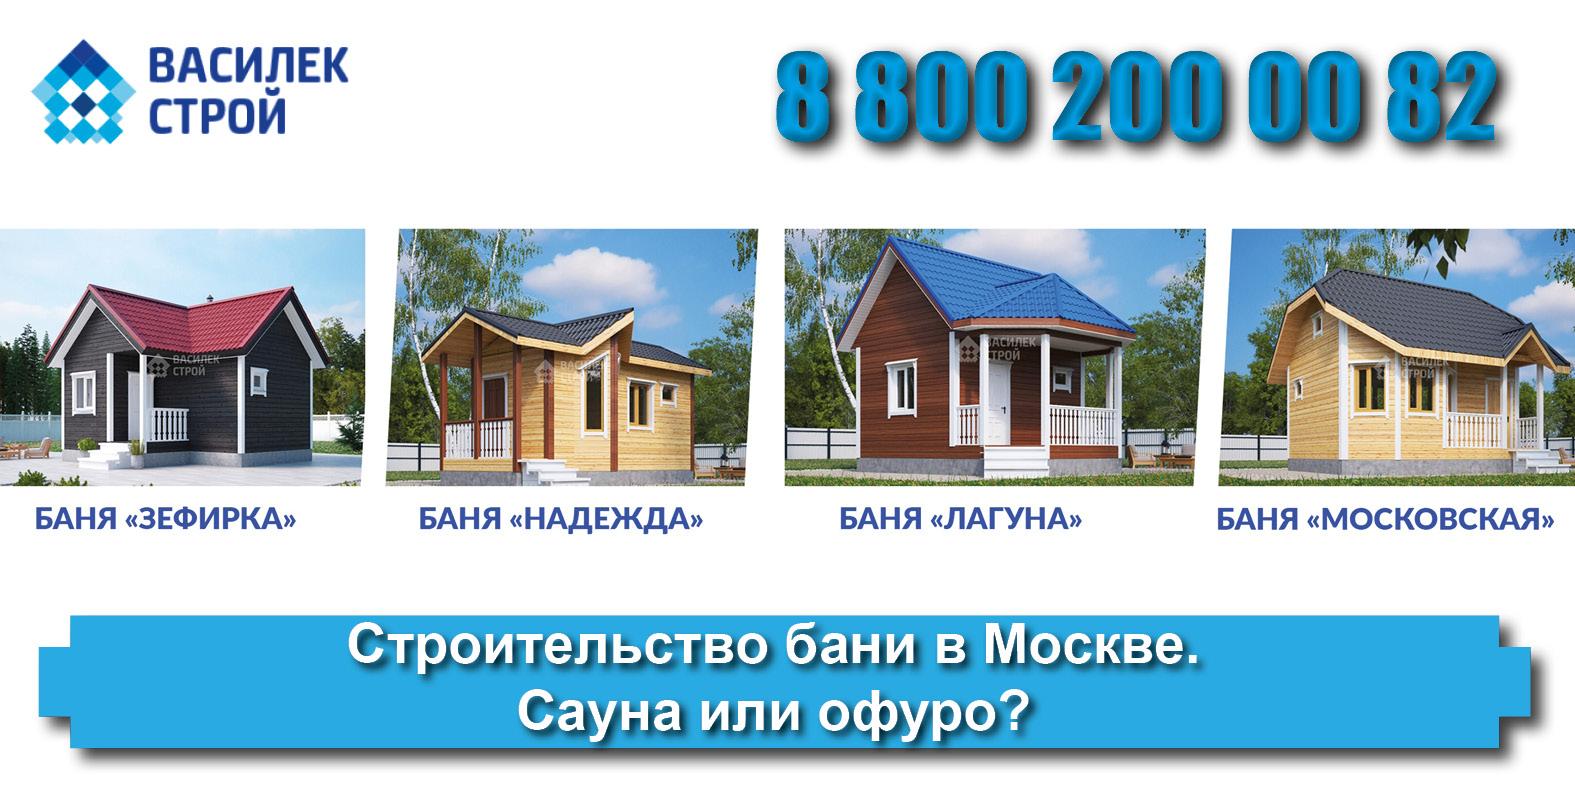 Как осуществить строительство недорогой бани в Москве быстро и качественно